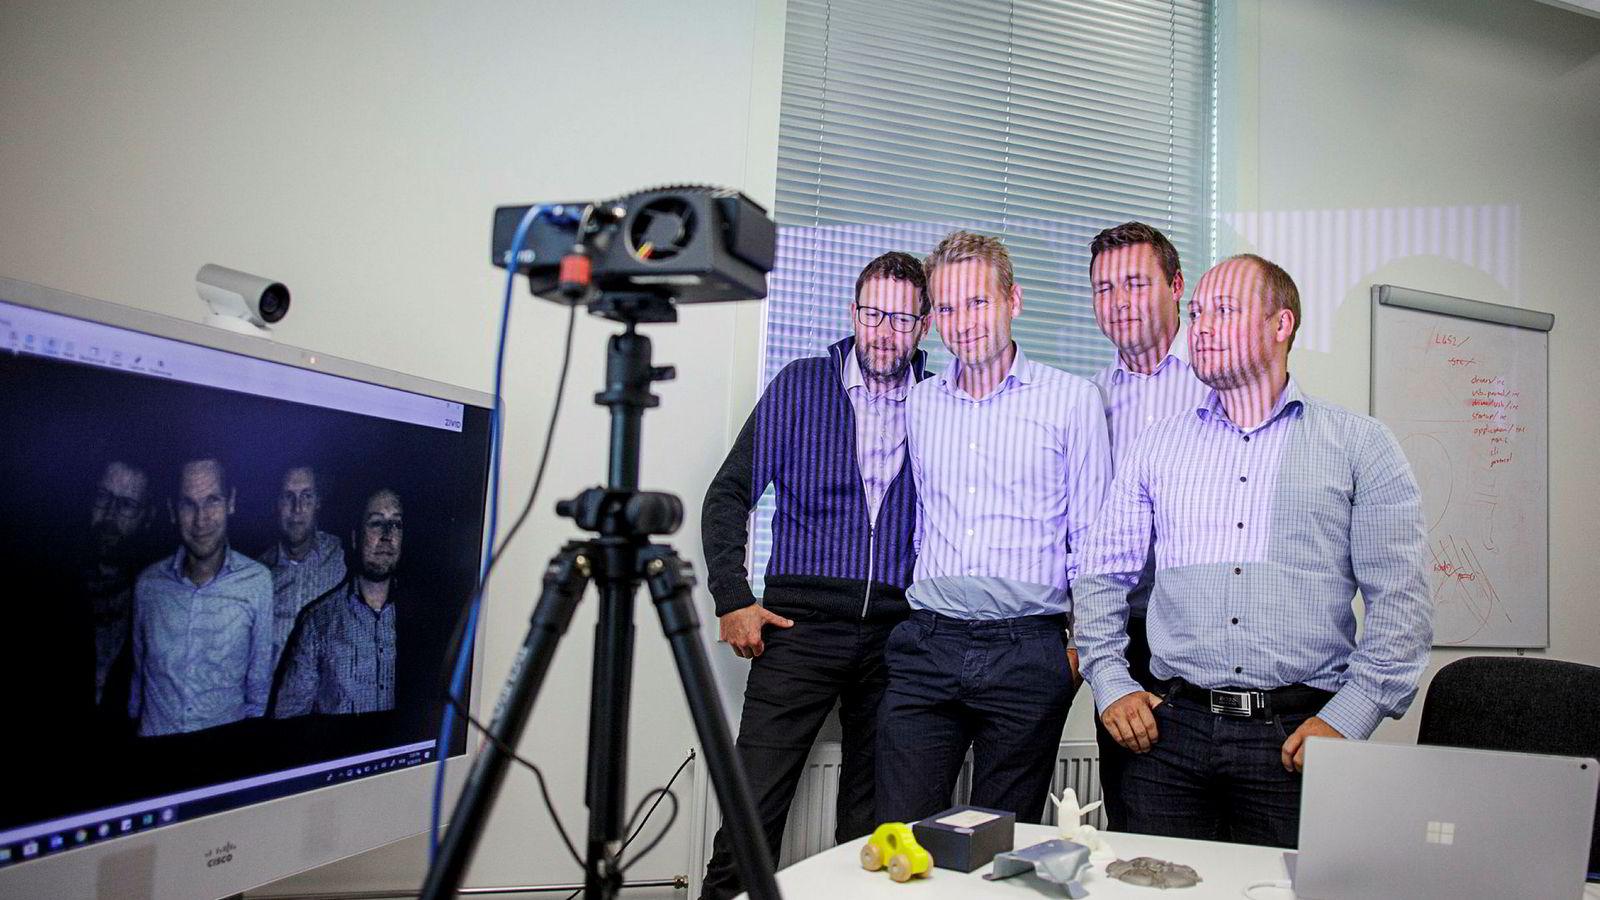 3D bildet på skjermen er laget ved å sende «strukturert lys» fra robothodets ene øye, og lese det av med det andre. Skjermen viser (fra høyre) Øystein Skotheim gründer og programvareutvikler, Arild Ulfeng, leder for ingeniørteamet, Thomas Embla Bonnerud, toppsjef, nylig ankommet fra Nordic Semiconductor og Henrik Schumann-Olsen, gründer og leder til nå.